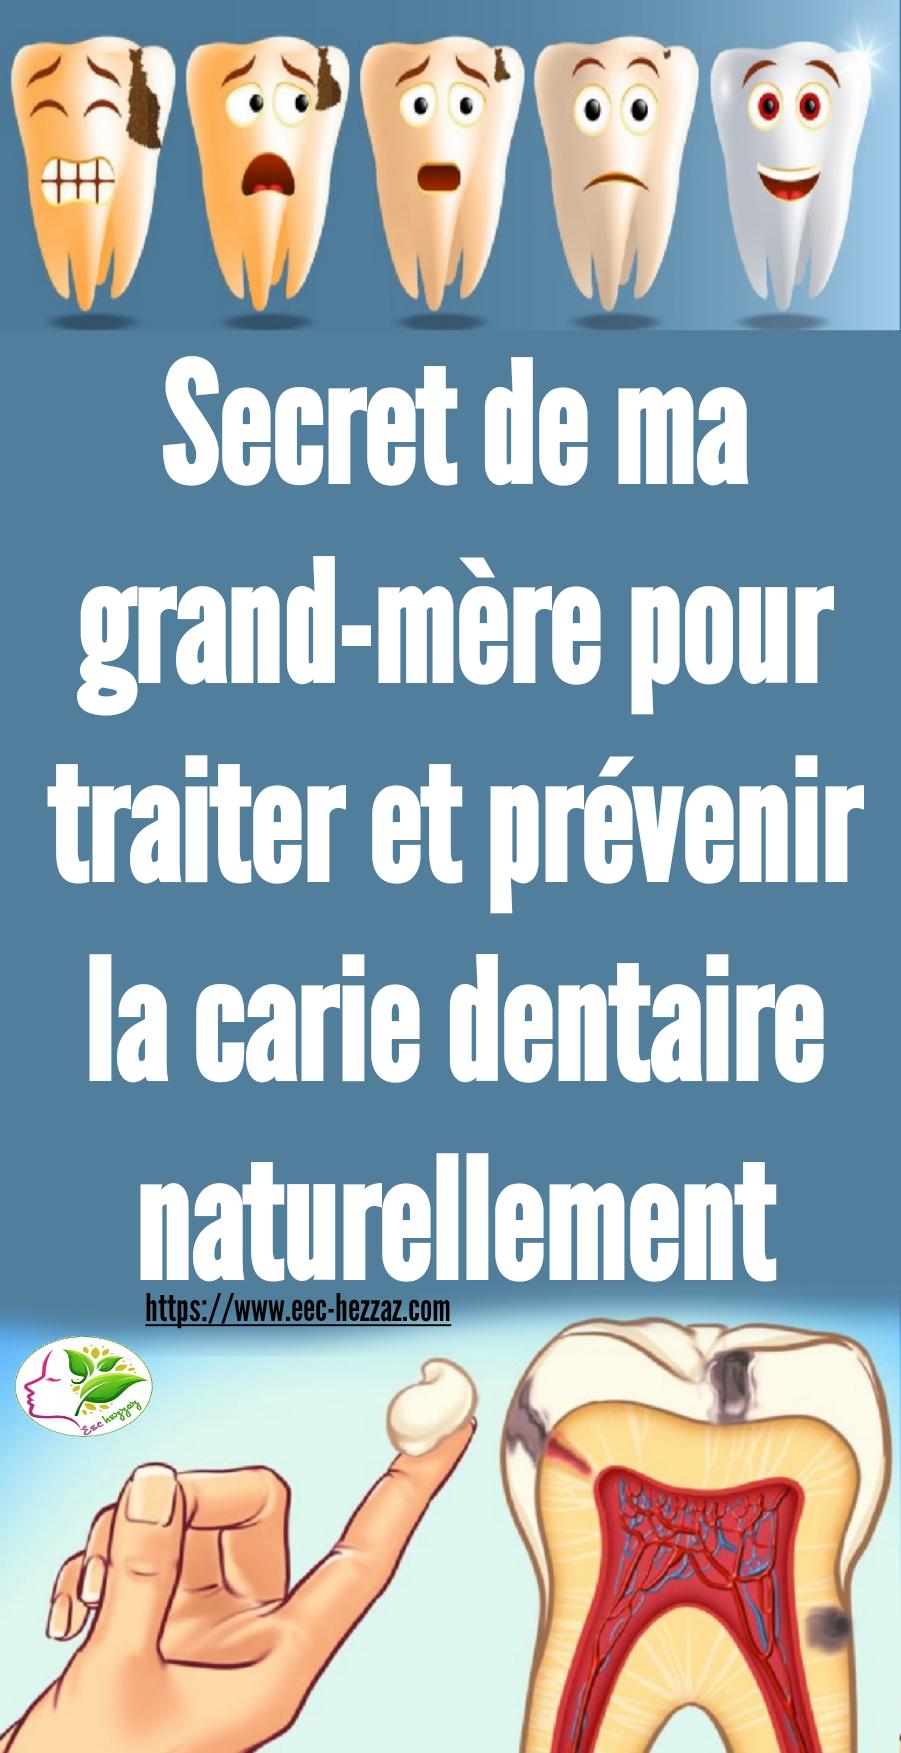 Secret de ma grand-mère pour traiter et prévenir la carie dentaire naturellement